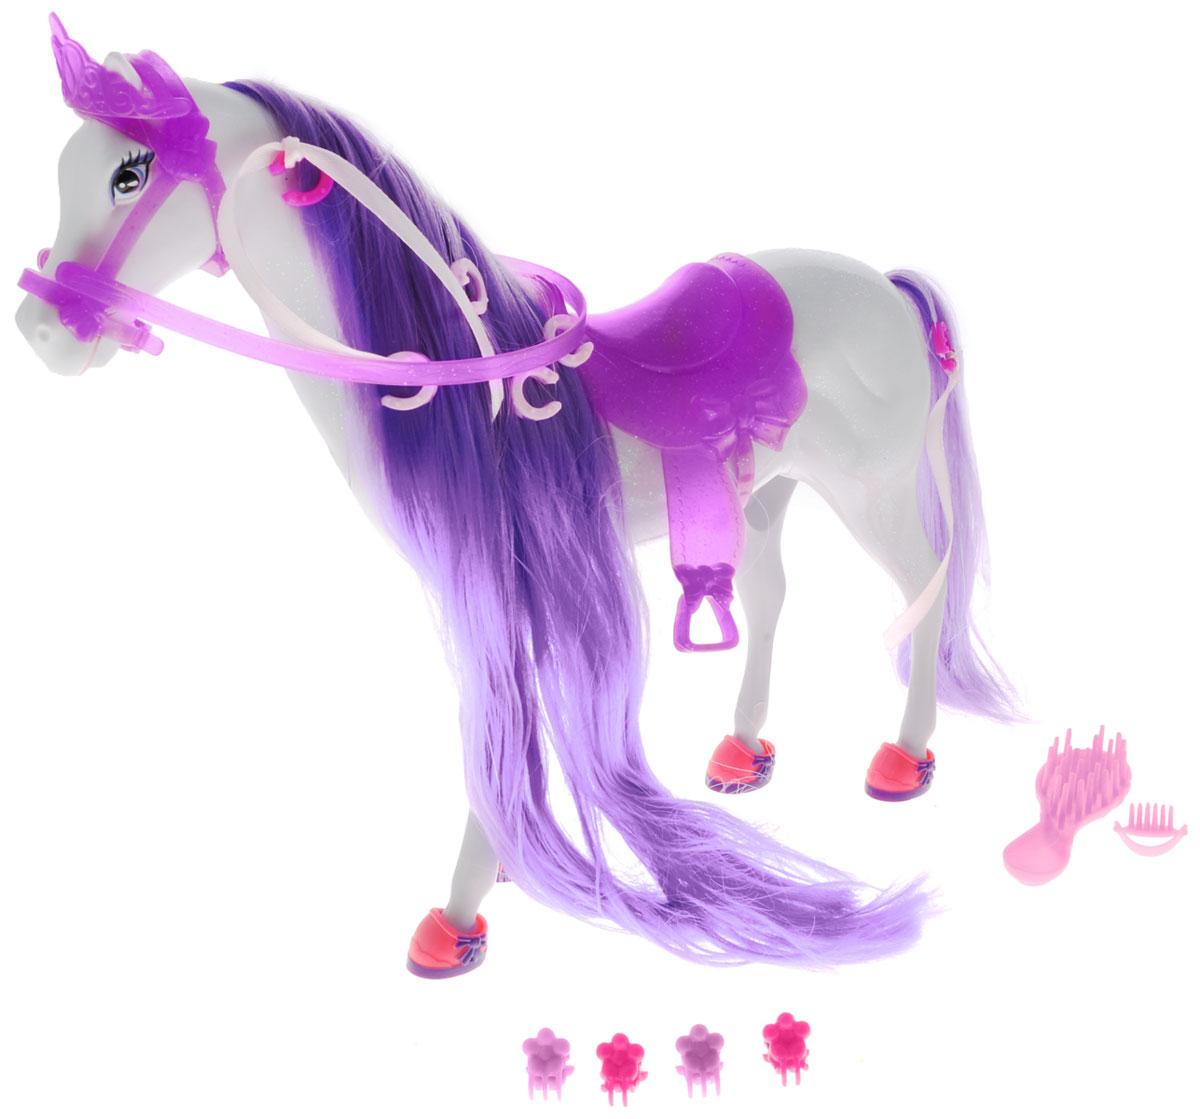 Simba Транспорт для кукол Лошадь для Штеффи цвет сиреневый4661840_сиреневыйИгровой набор Simba Лошадь для Штеффи надолго займет внимание вашей малышки и подарит ей множество счастливых мгновений. У лошадки есть длинный хвост и шикарная грива из шелковистых волокон яркого цвета. Грива и хвост очень длинные, их можно расчесывать и заплетать косички. Глазки - нарисованные, очень добрые и выразительные. В комплекте с лошадью имеются 4 подковы-ботинка, седло, расческа, щетка и 8 заколок. Благодаря играм с куклой, ваша малышка сможет развить фантазию и любознательность, овладеть навыками общения и научиться ответственности, а дополнительные аксессуары сделают игру еще увлекательнее. Лошадка позволит увеличить количество игровых ситуаций с куклой Штеффи. Порадуйте свою принцессу таким прекрасным подарком!